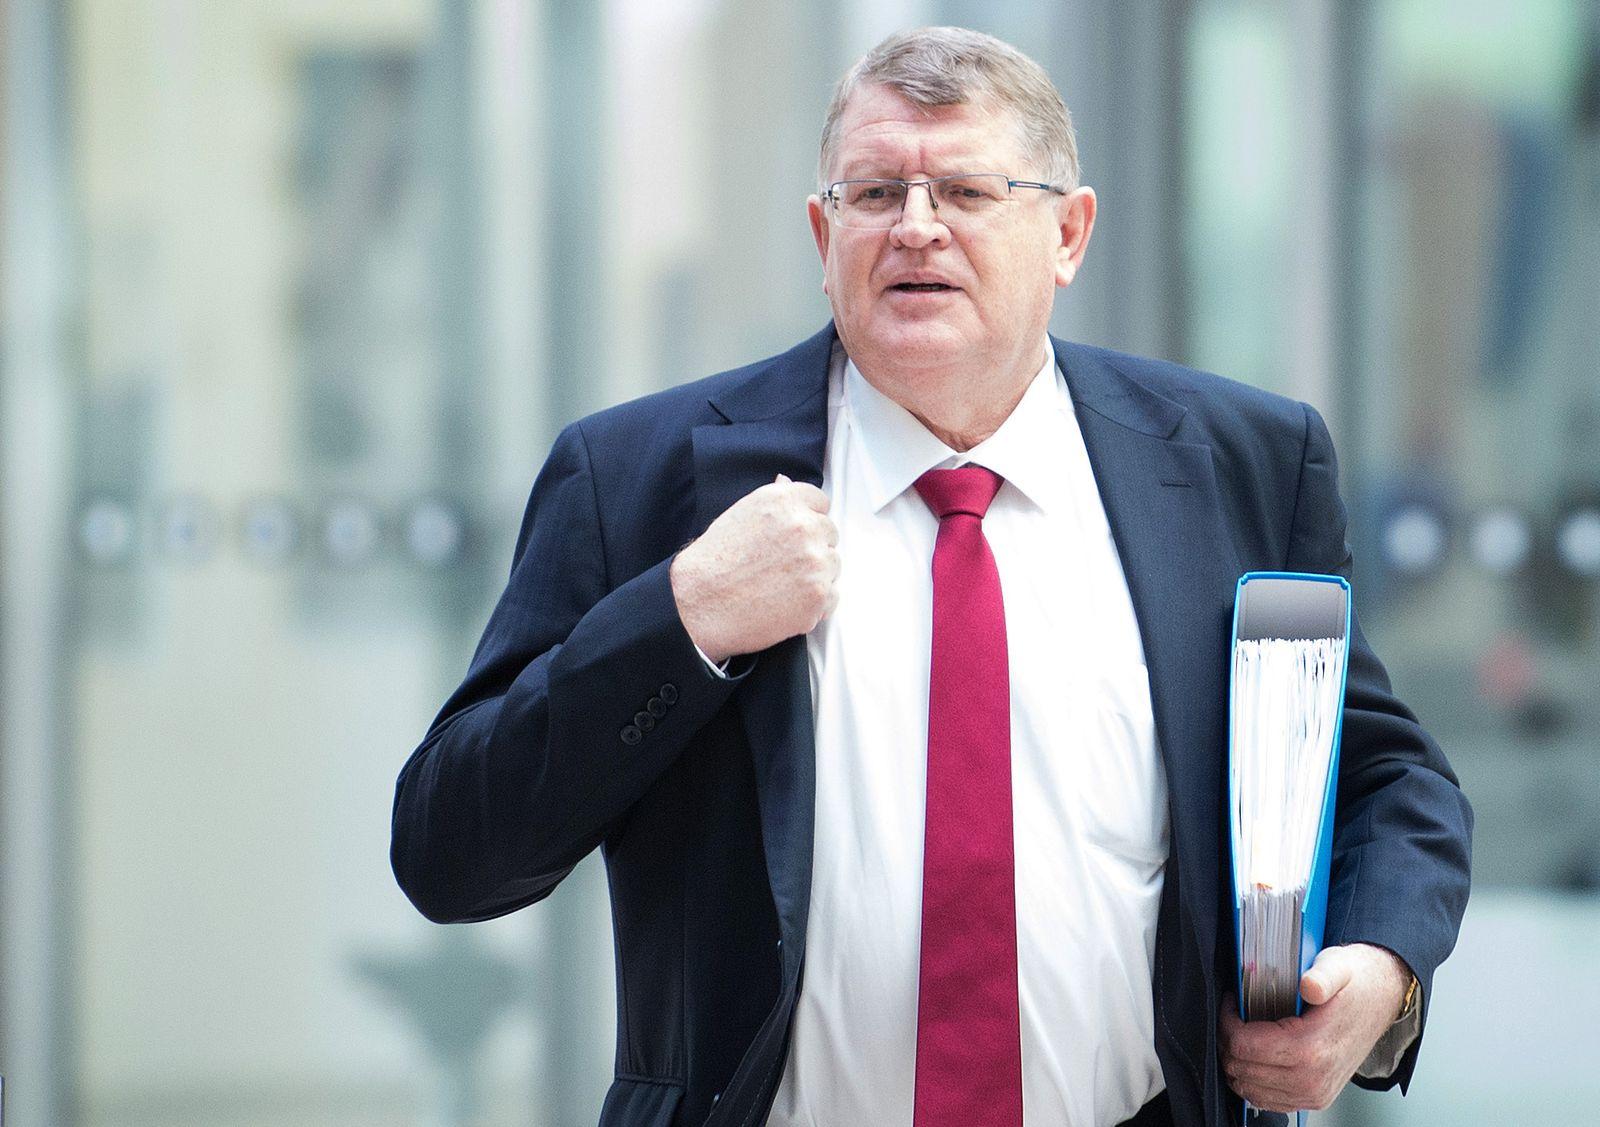 Korruptionsaffäre um NRW-Baubetrieb vor Gericht